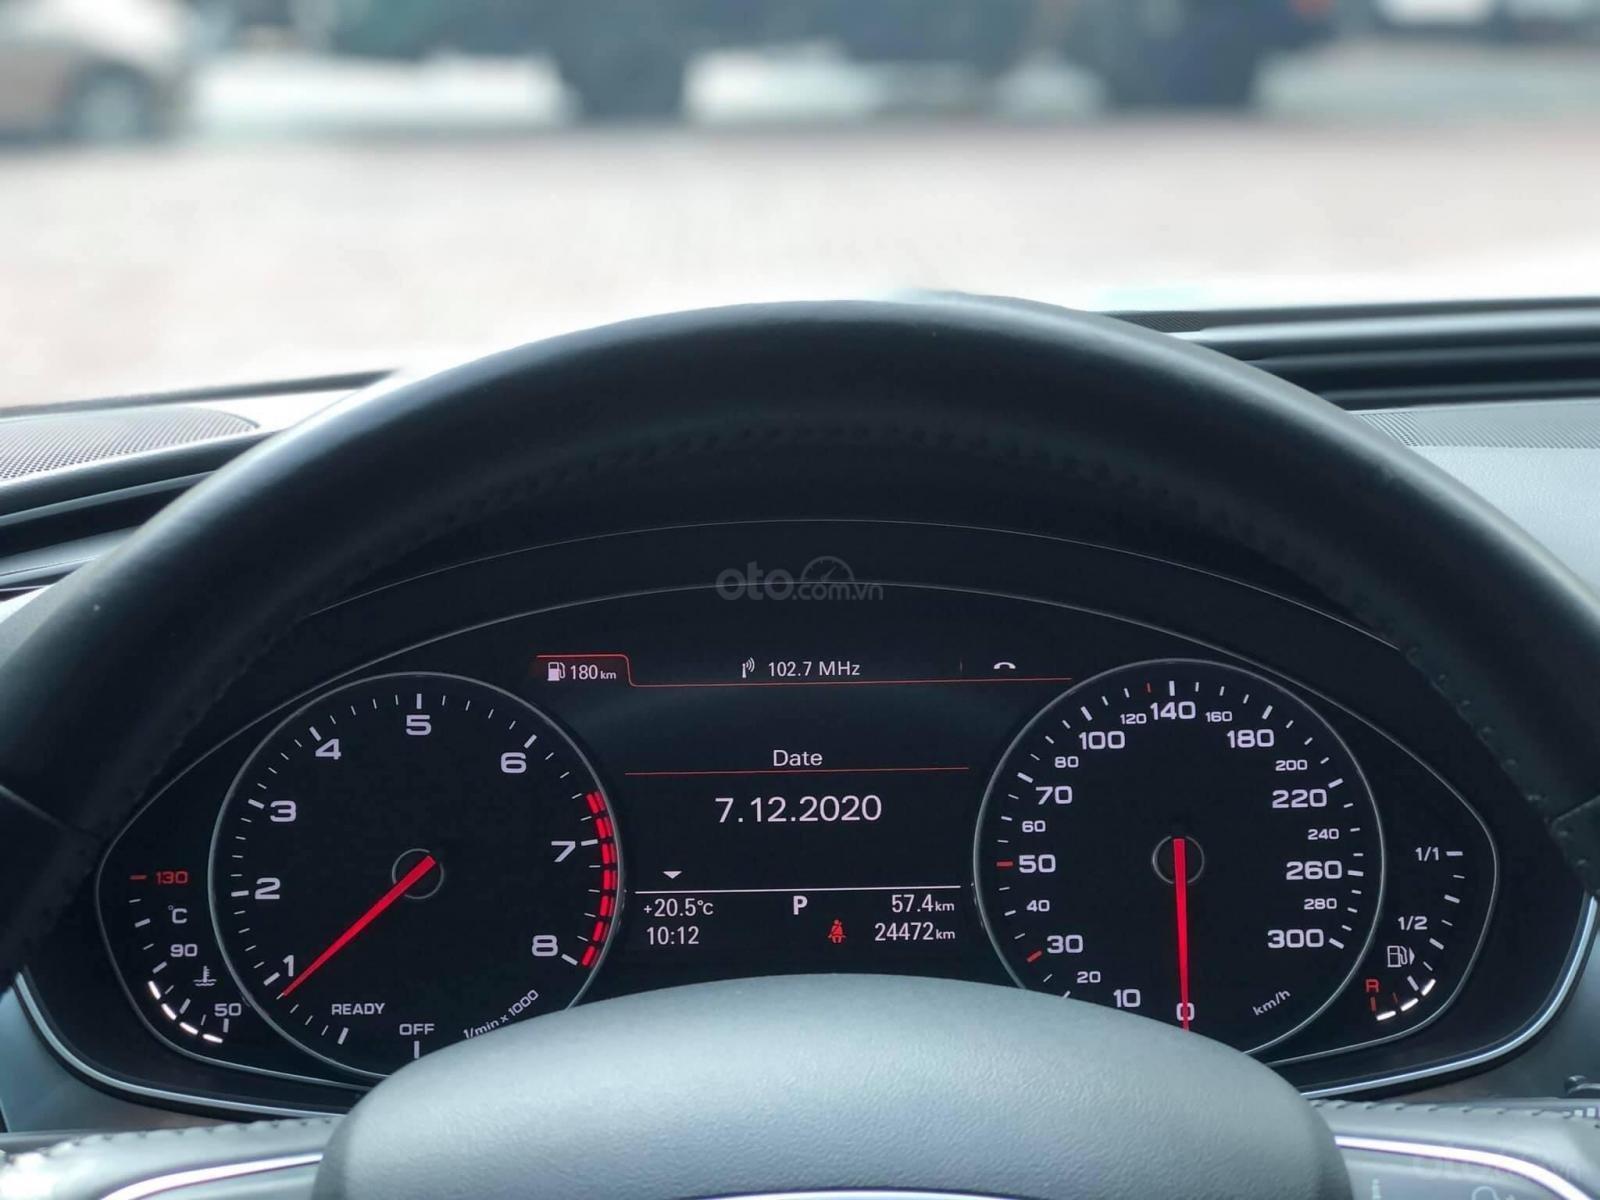 Cần bán lại xe Audi A6 sx 2016 đk 2017, màu trắng nội thất đen (6)